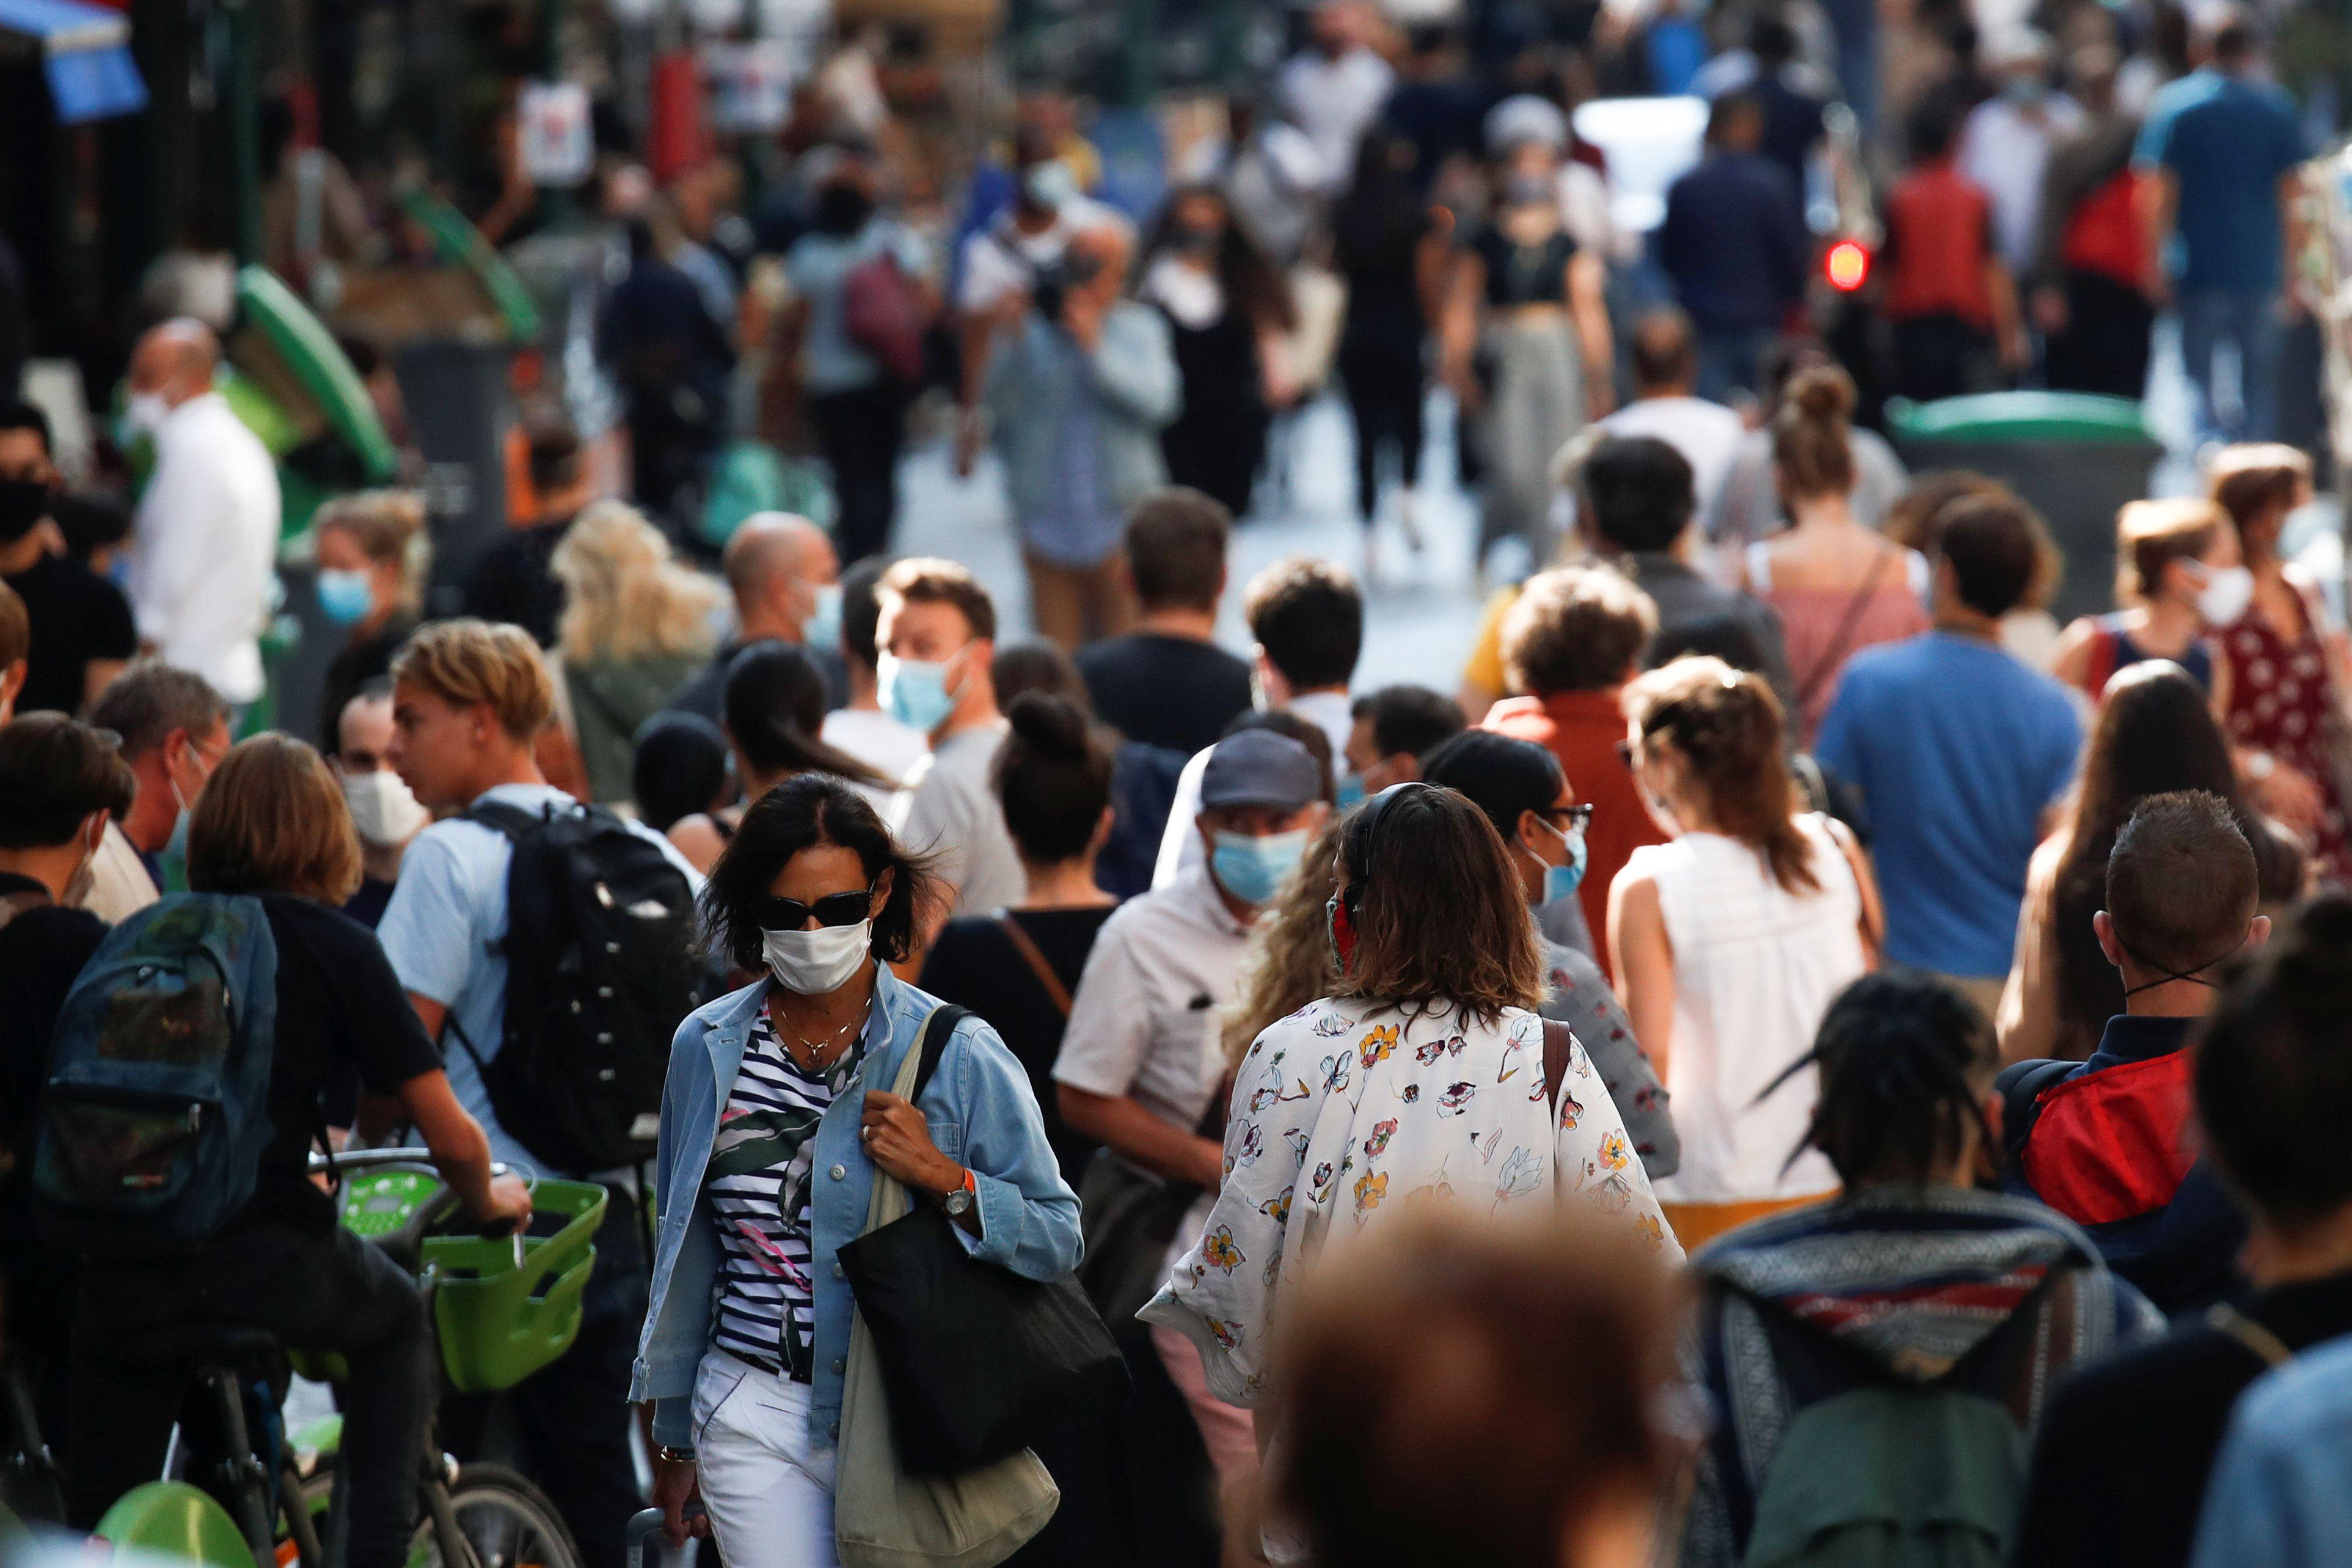 Este problema es especialmente agudo, según indican, en ambientes interiores o cerrados, particularmente aquellos que están abarrotados y tienen ventilación inadecuada en relación con el número de ocupantes y períodos de exposición prolongados (Reuters)